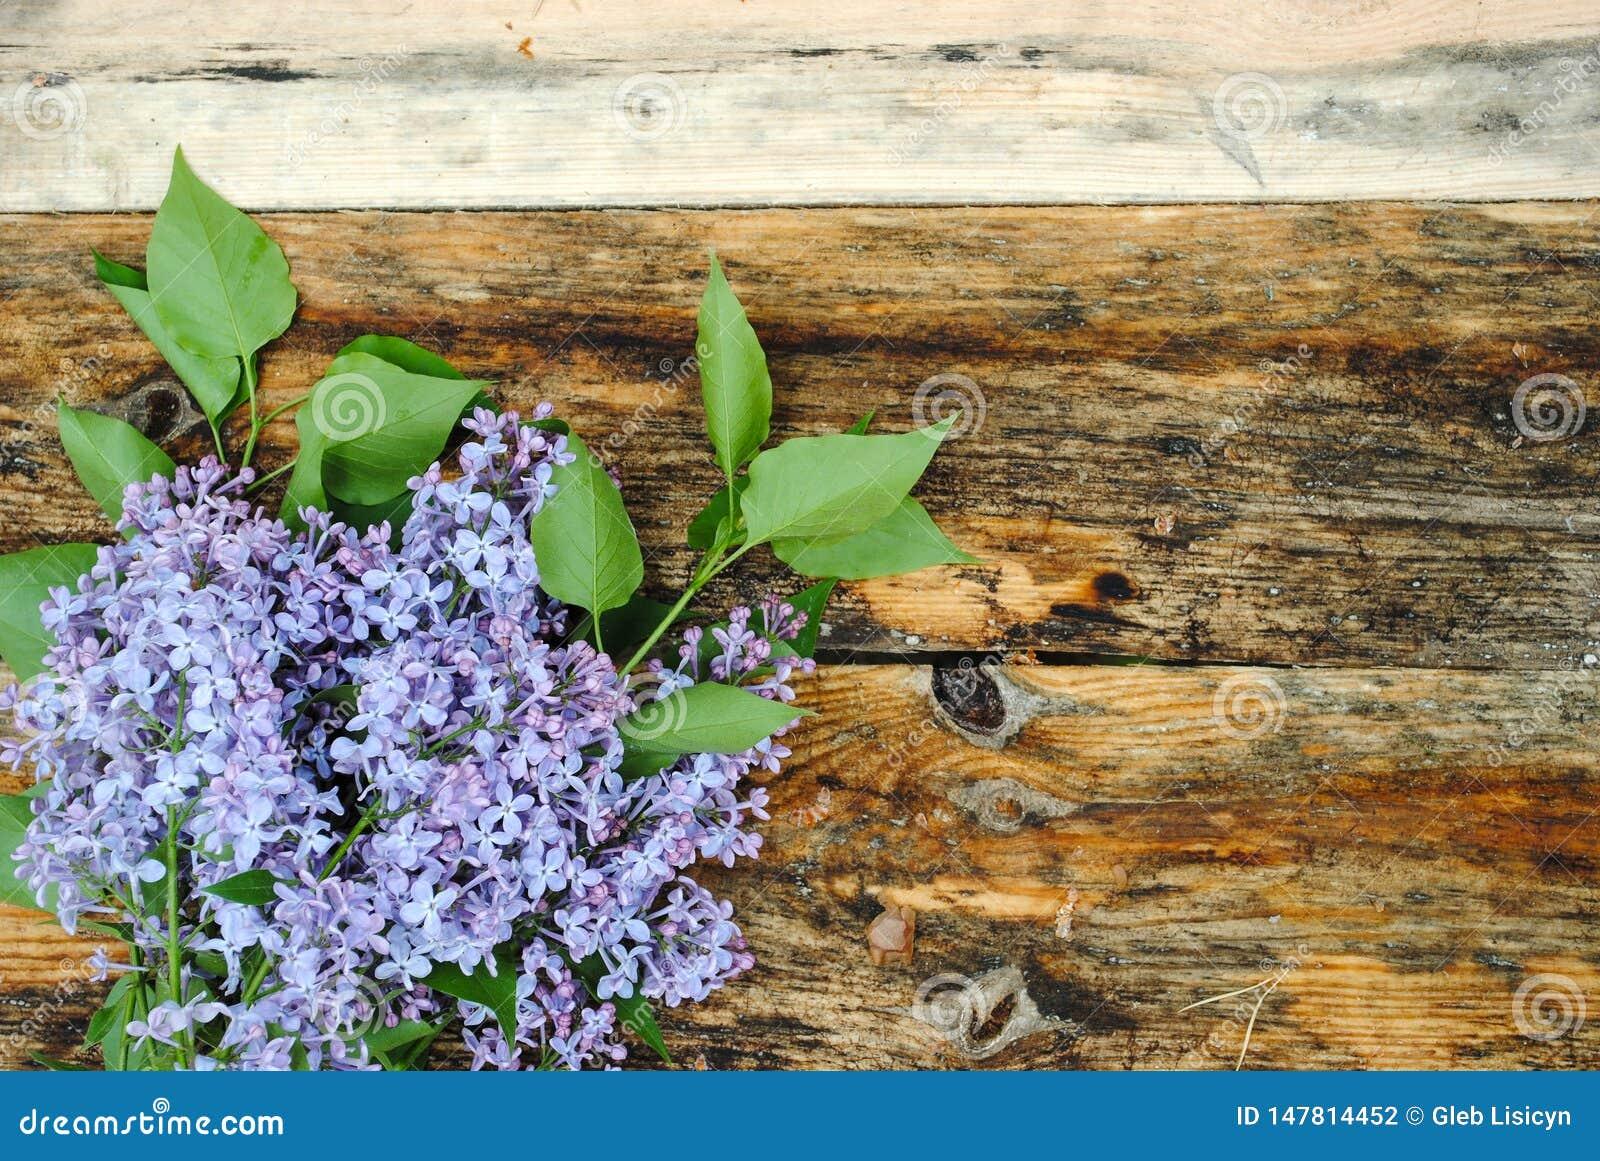 Цветки сирени на деревянном столе